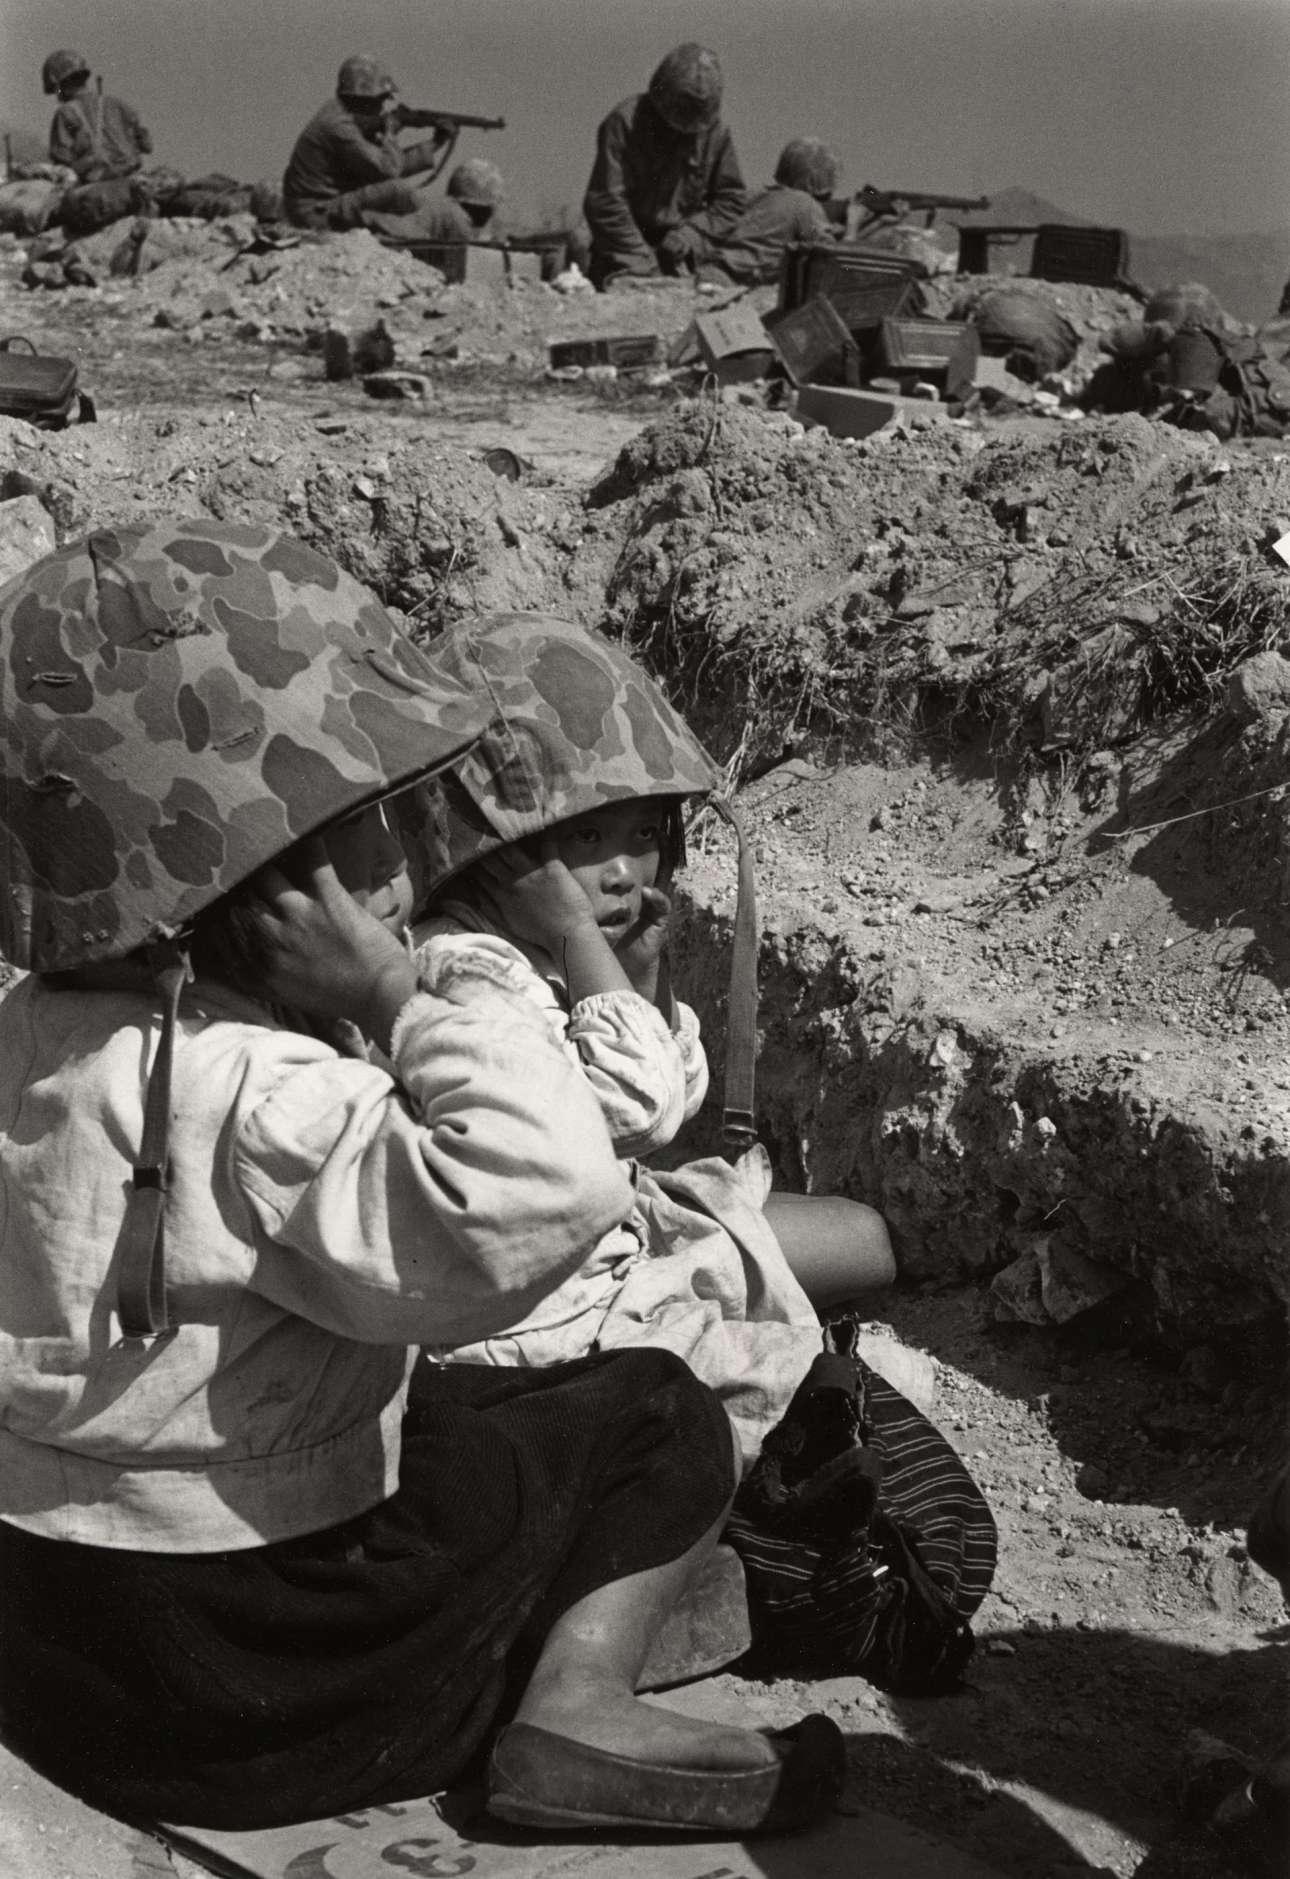 Παιδιά στο πεδίο της μάχης, στον Πόλεμο της Κορέας, το 1950. Παρότι ο Ντάνκαν έβγαλε μερικές από τις πιο γνωστές φωτογραφίες του Πικάσο, έγινε διάσημος για τις ωμές φωτογραφίες του που αποτύπωναν τη ζοφερή μοίρα των στρατιωτών στην Κορέα και στο Βιετνάμ